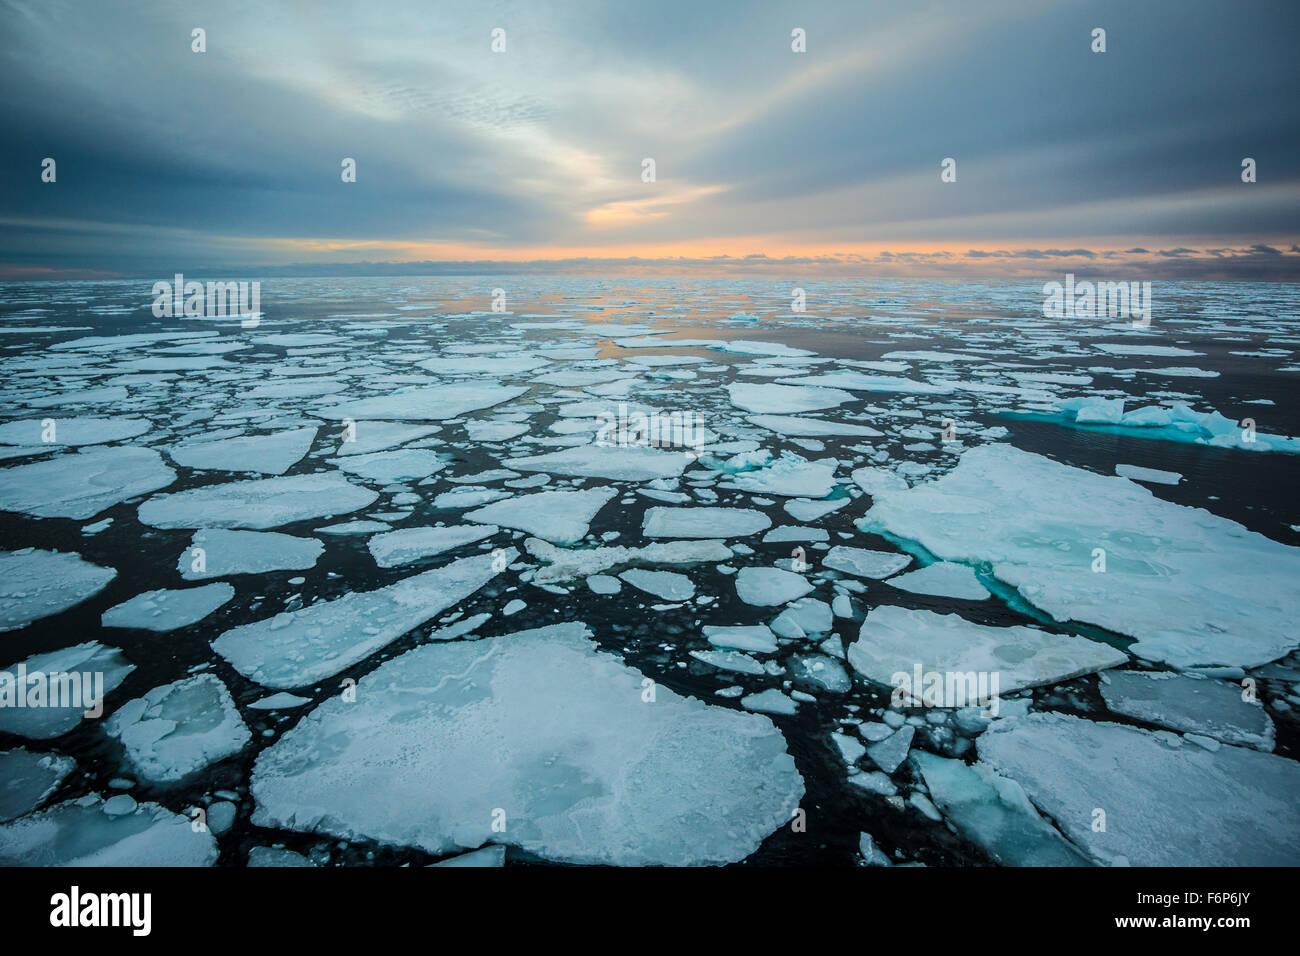 Tramonto sul mare di ghiaccio Foto Stock